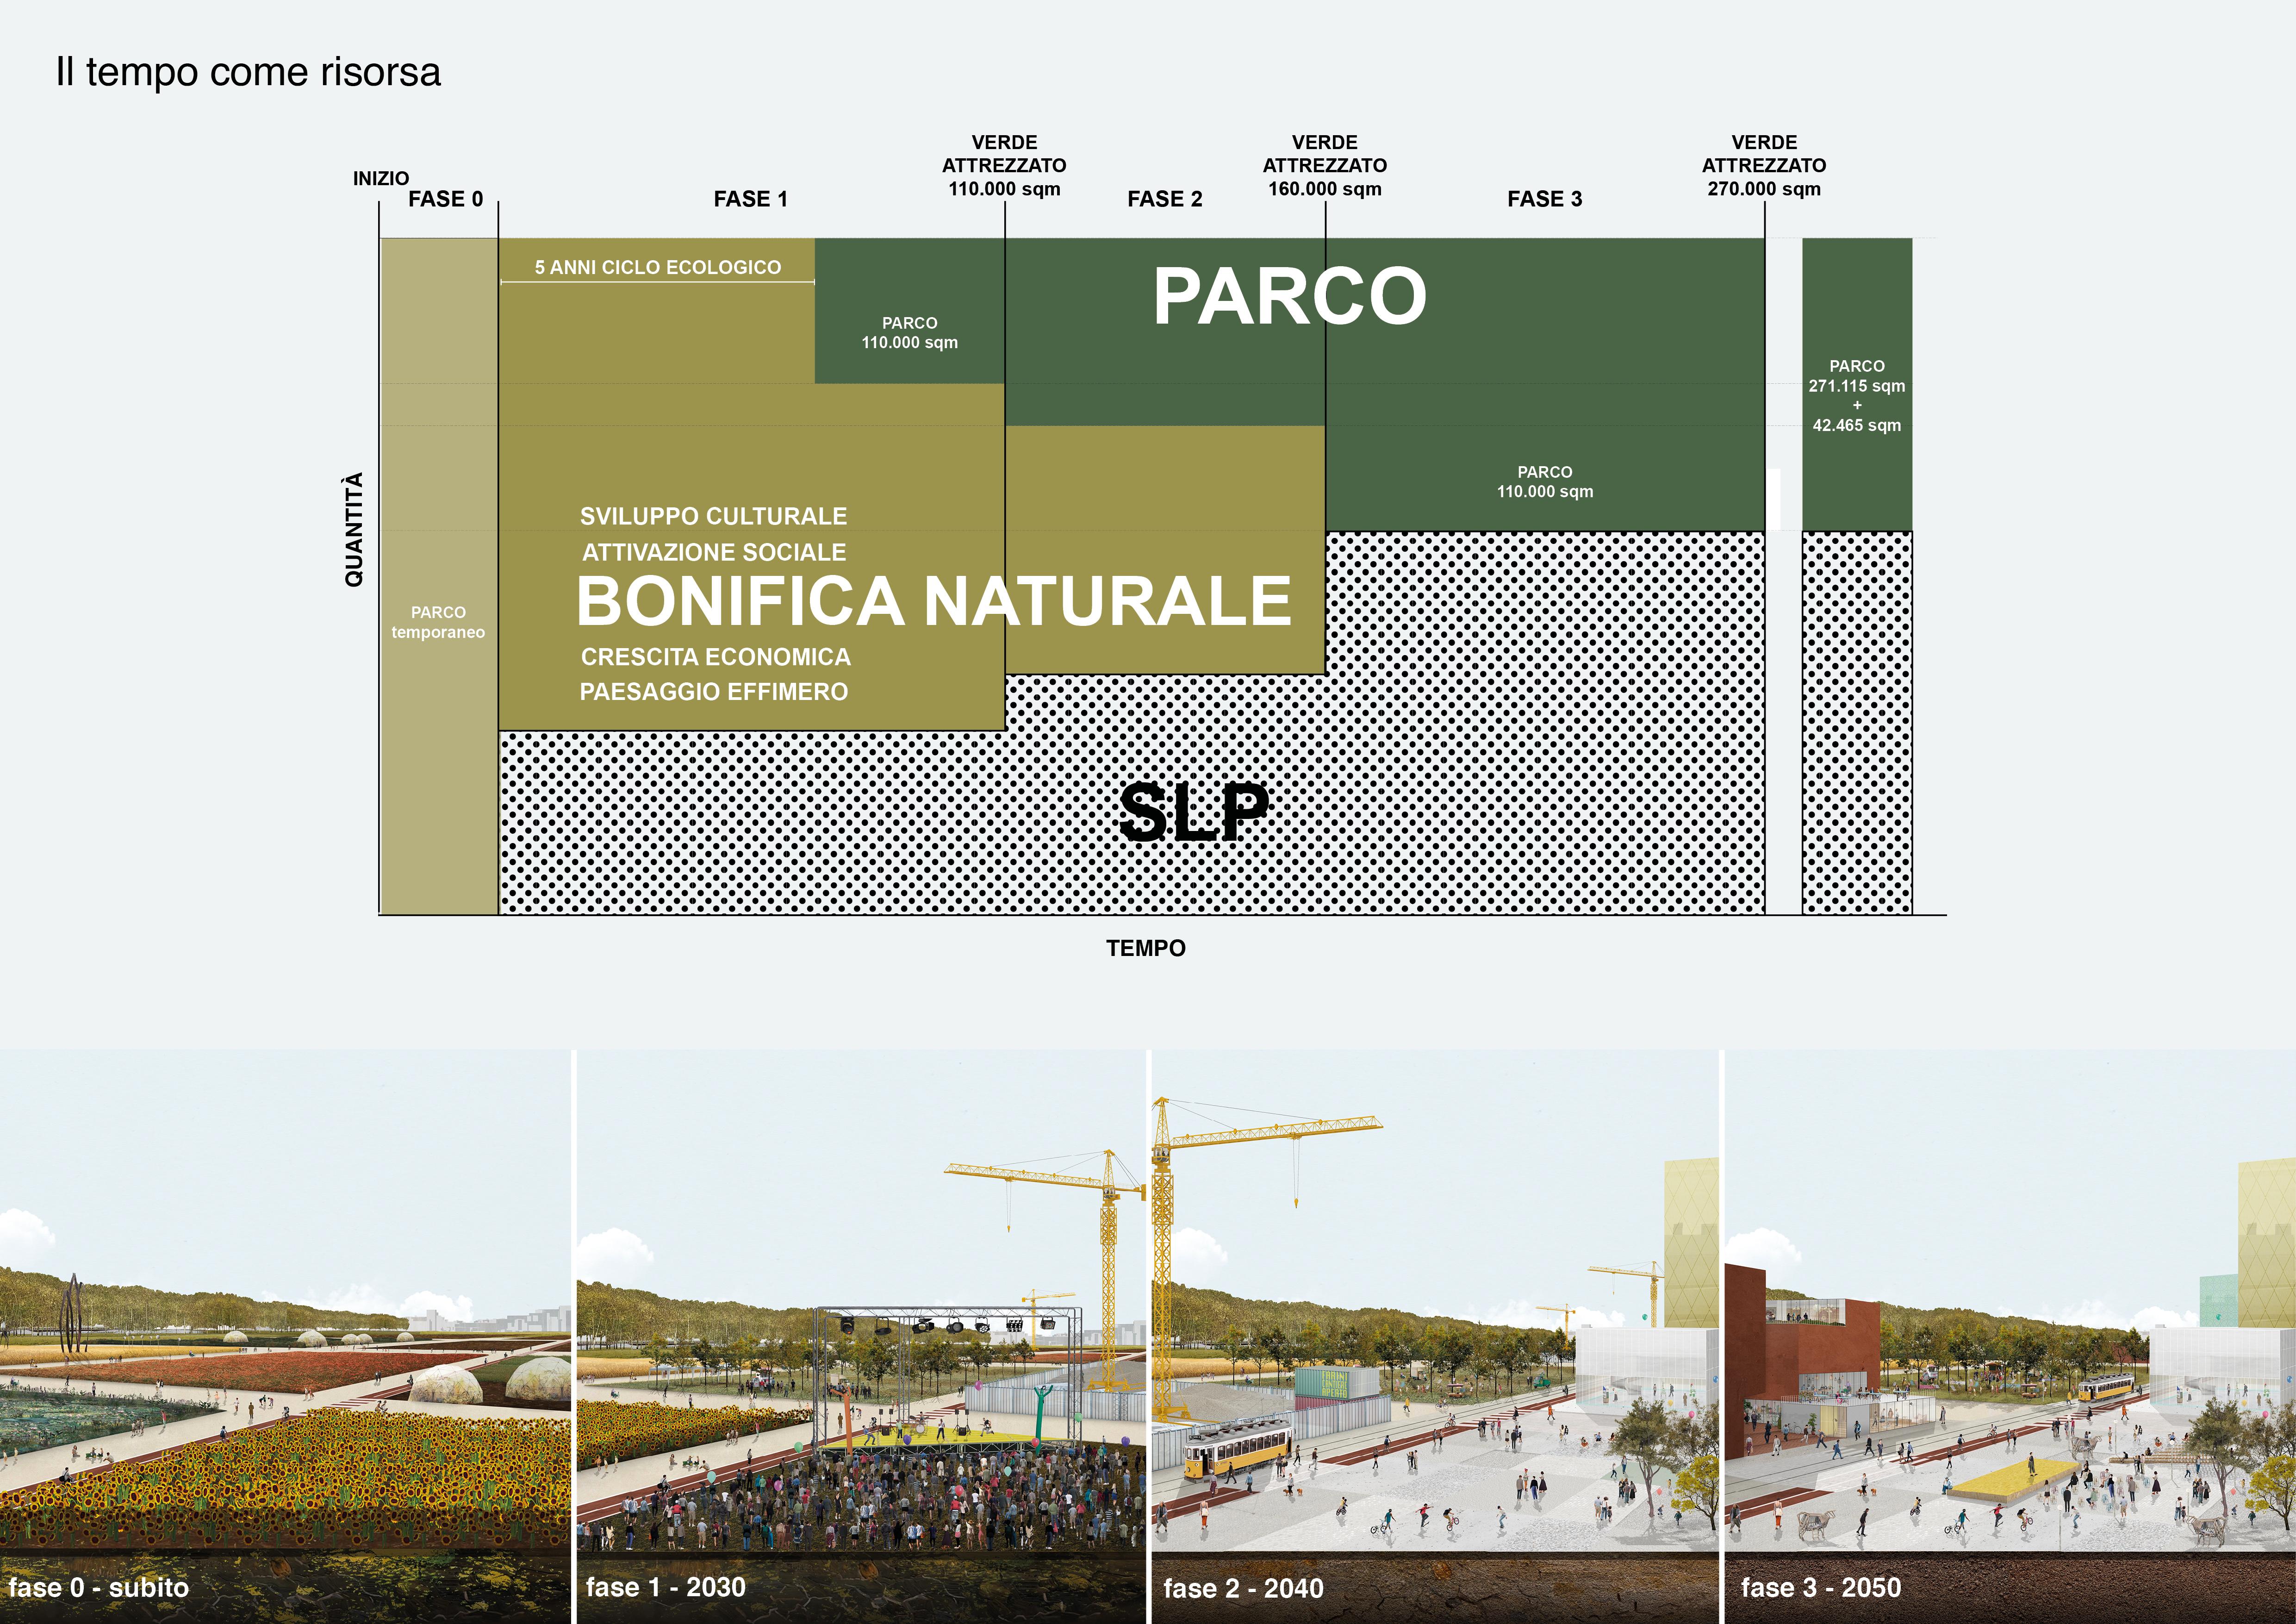 <p>Image courtesy of OMA and Laboratorio Permanente of copyright OMA and Laboratorio Permanente</p>